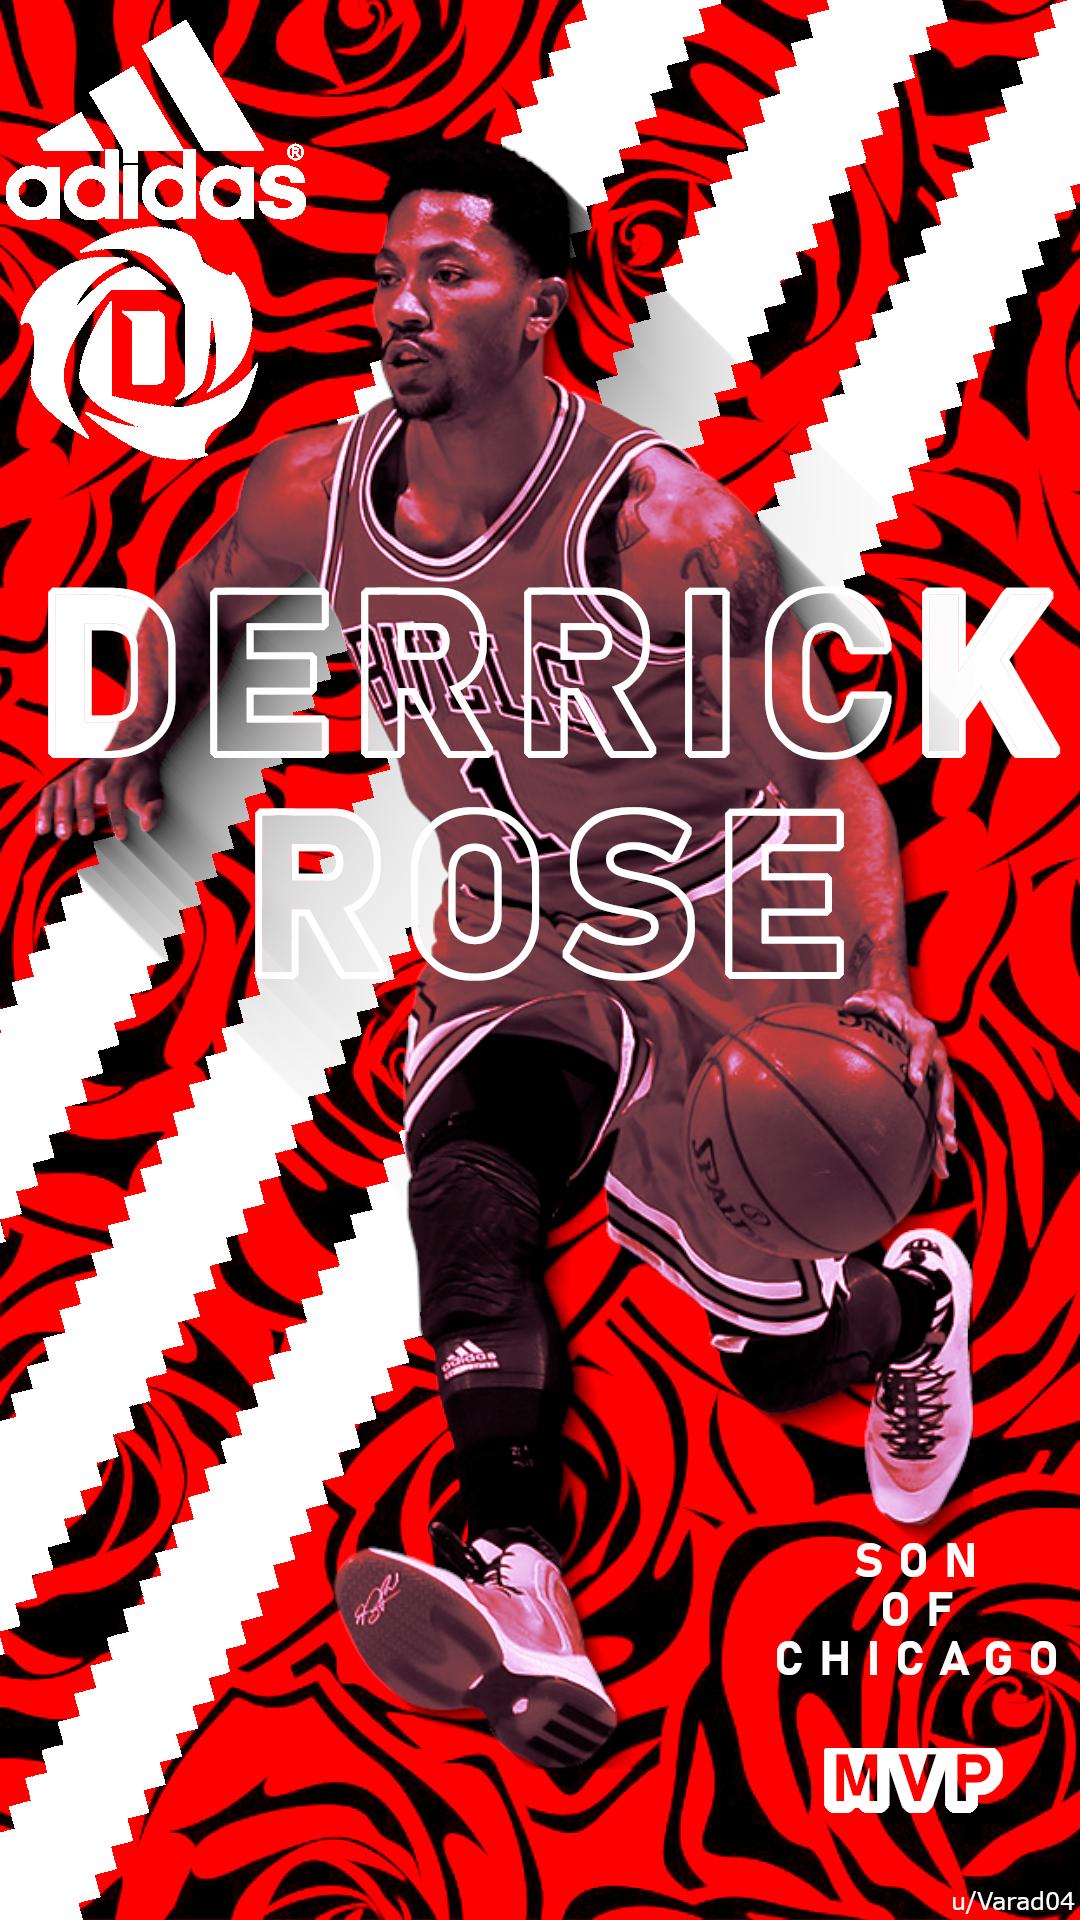 derrick rose adidas poster hope